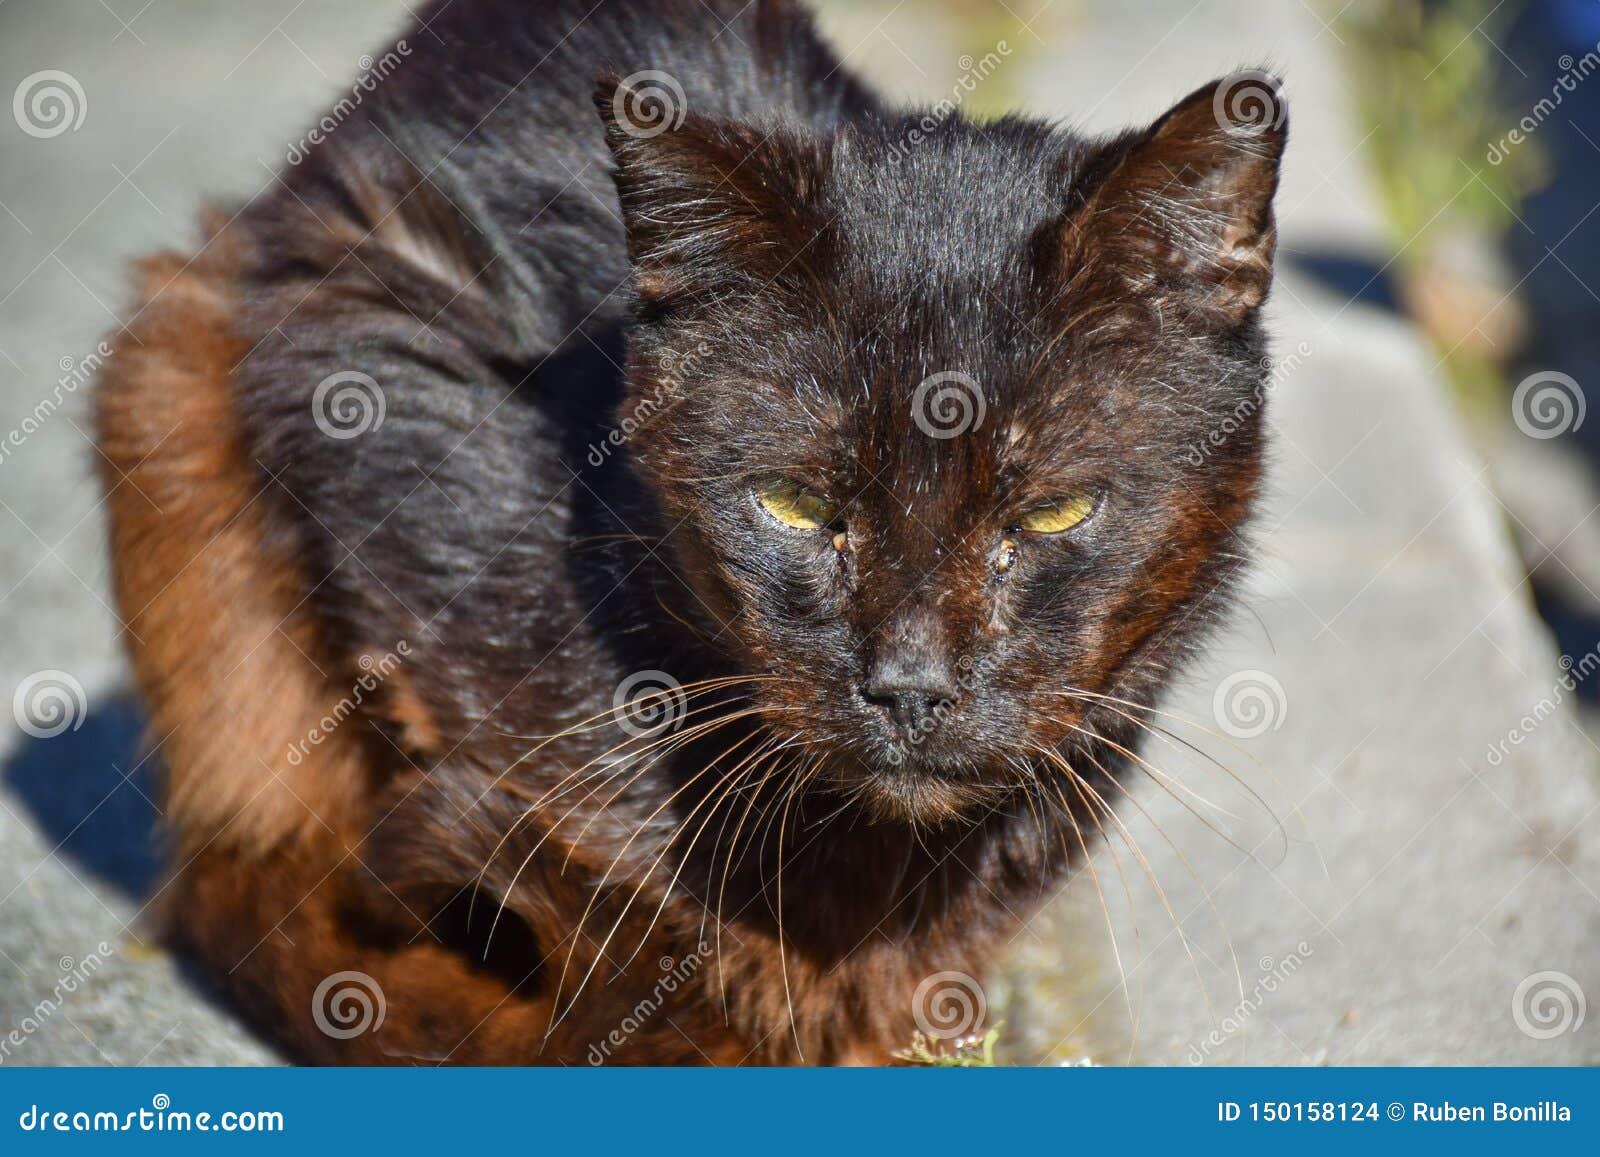 κλείστε επάνω ενός πορτρέτου της άστεγης σκοτεινής καφετιάς γάτας πολύ ήρεμης στο πεζοδρόμιο σε μια ηλιόλουστη ημέρα Η εγκαταλειμ